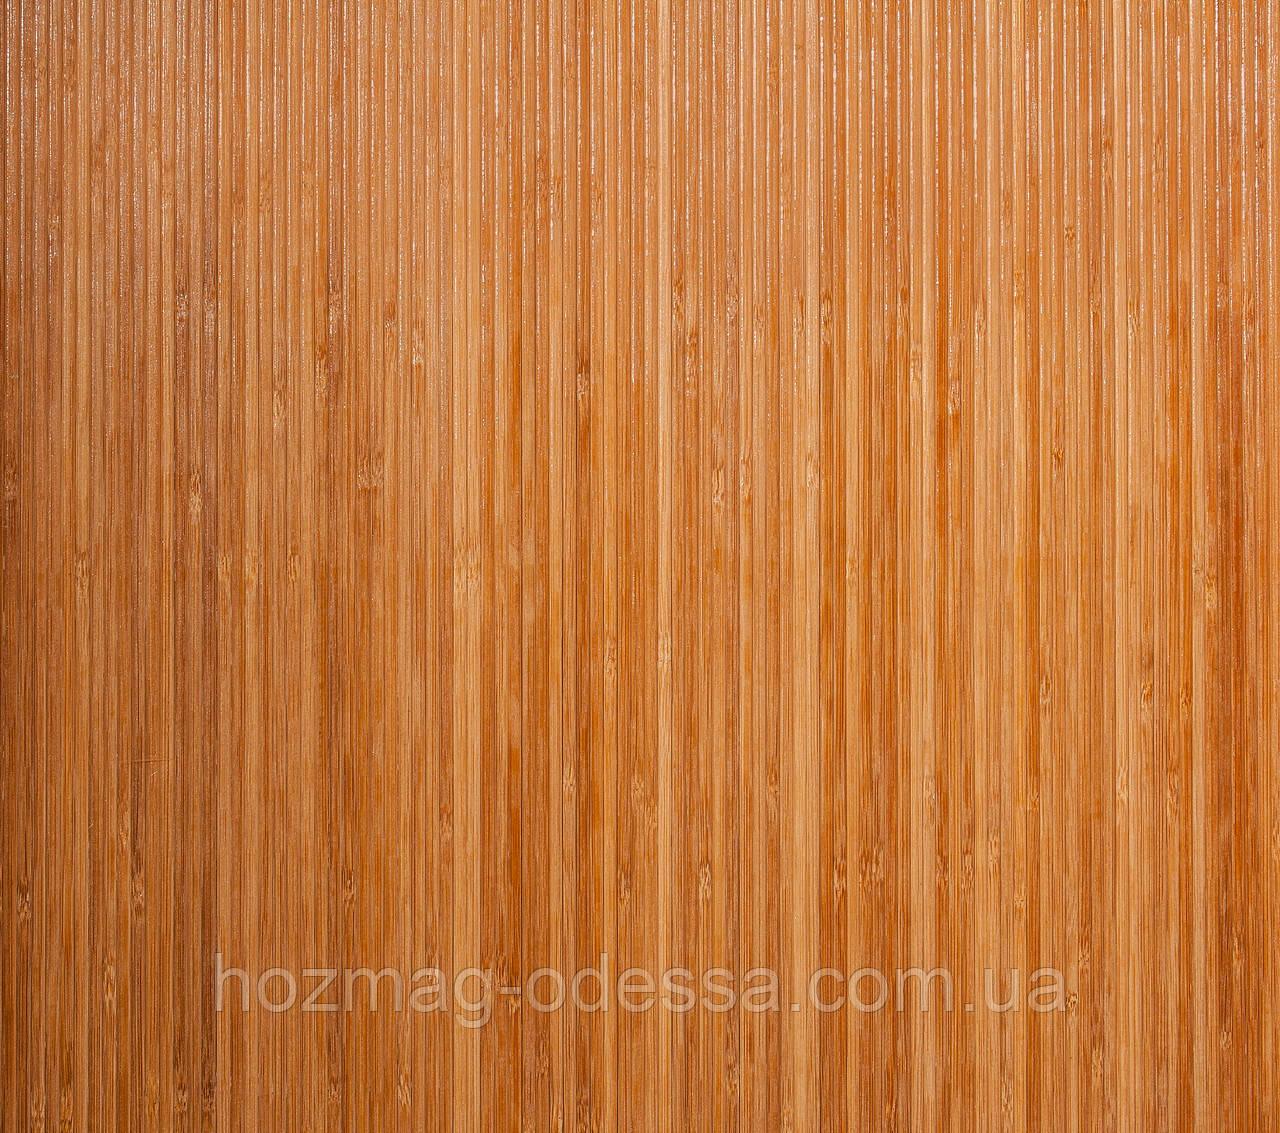 Бамбуковые обои темные 8мм, ширина 200см.